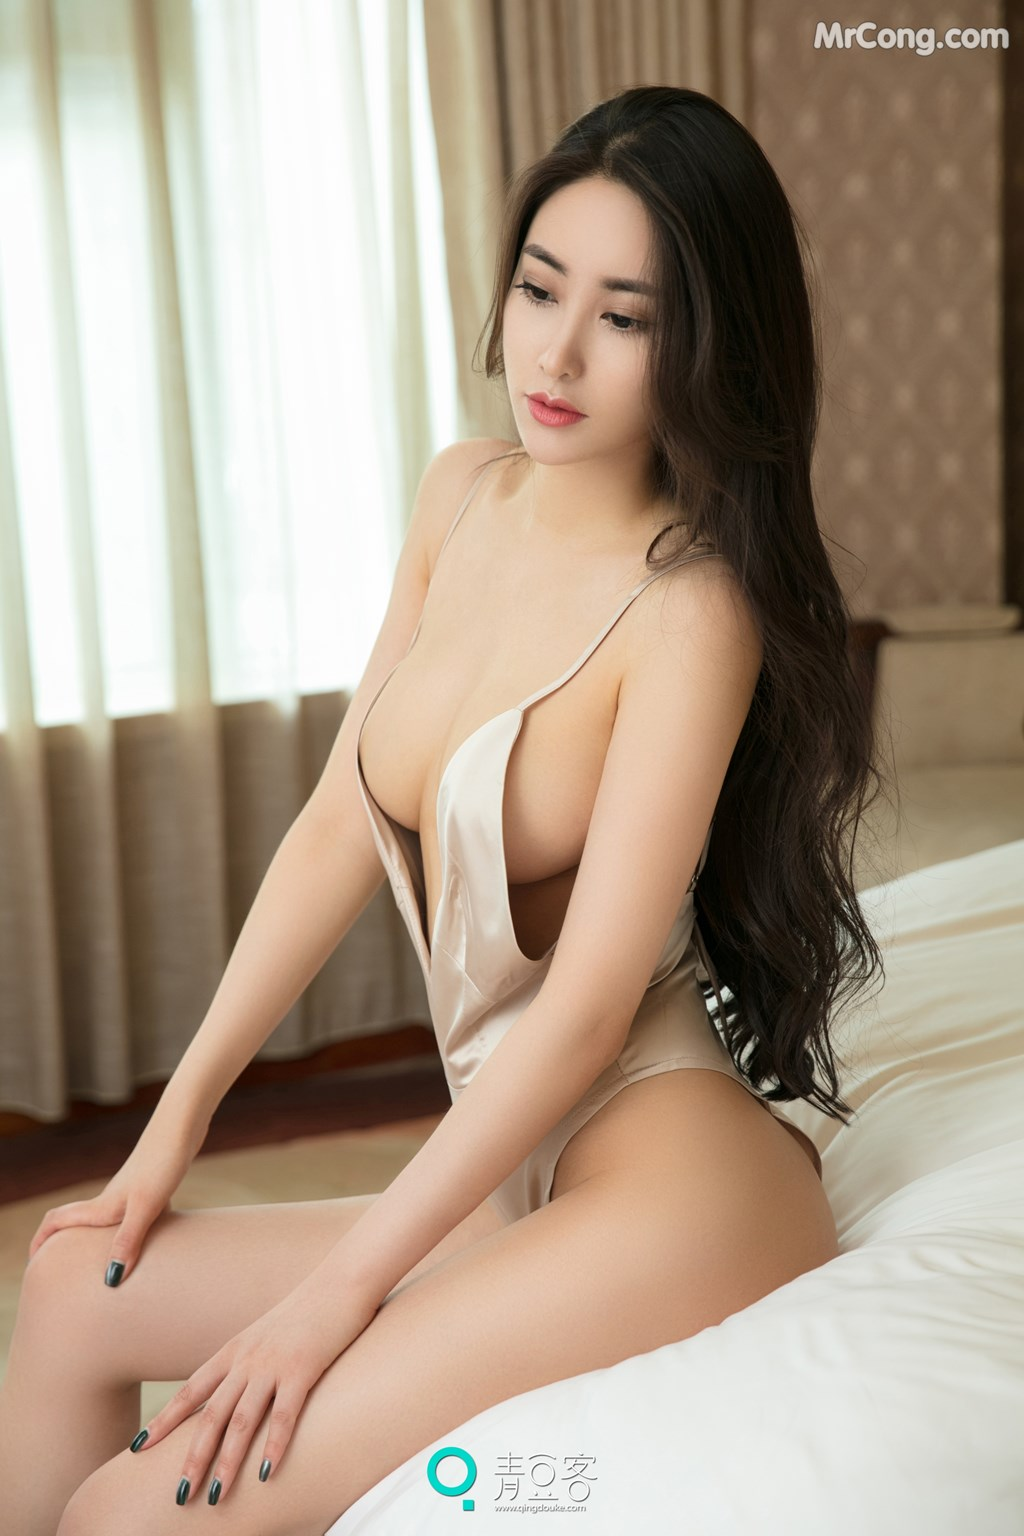 Image QingDouKe-2017-08-03-Mu-Fei-Fei-MrCong.com-029 in post QingDouKe 2017-08-03: Người mẫu Mu Fei Fei (穆菲菲) (53 ảnh)